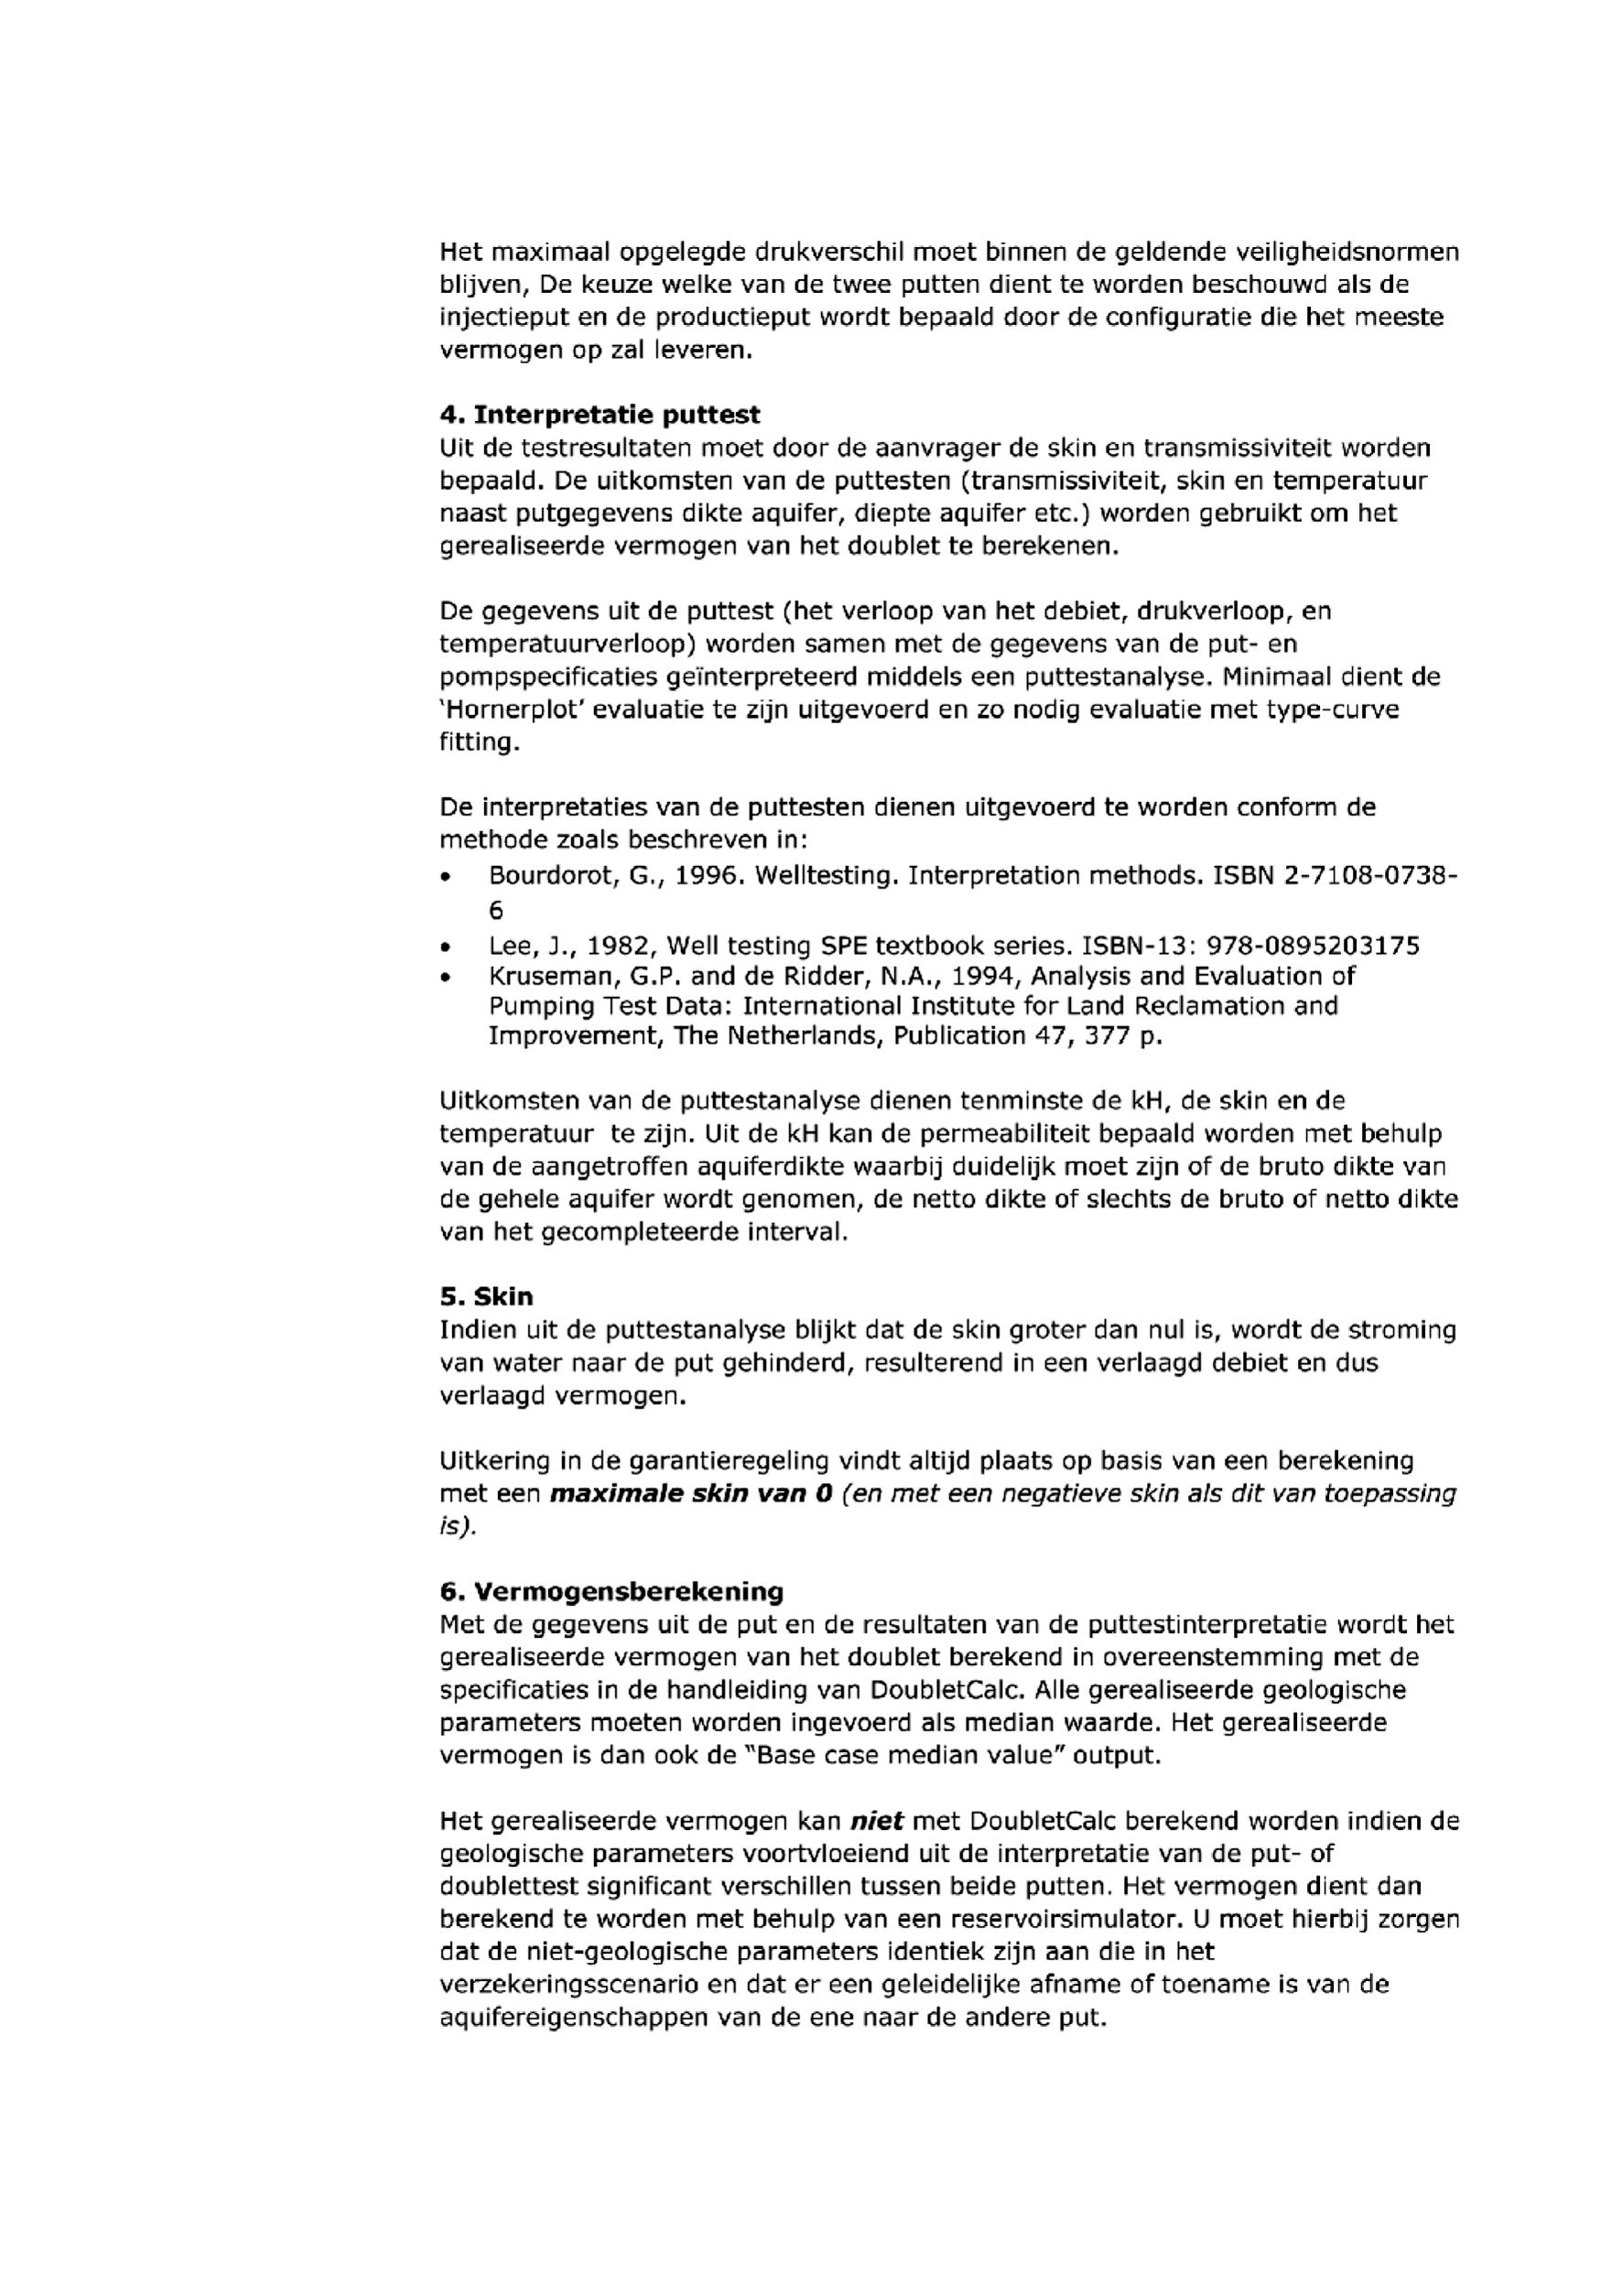 Regeling van de Minister van Economische Zaken van 11 juli 2014